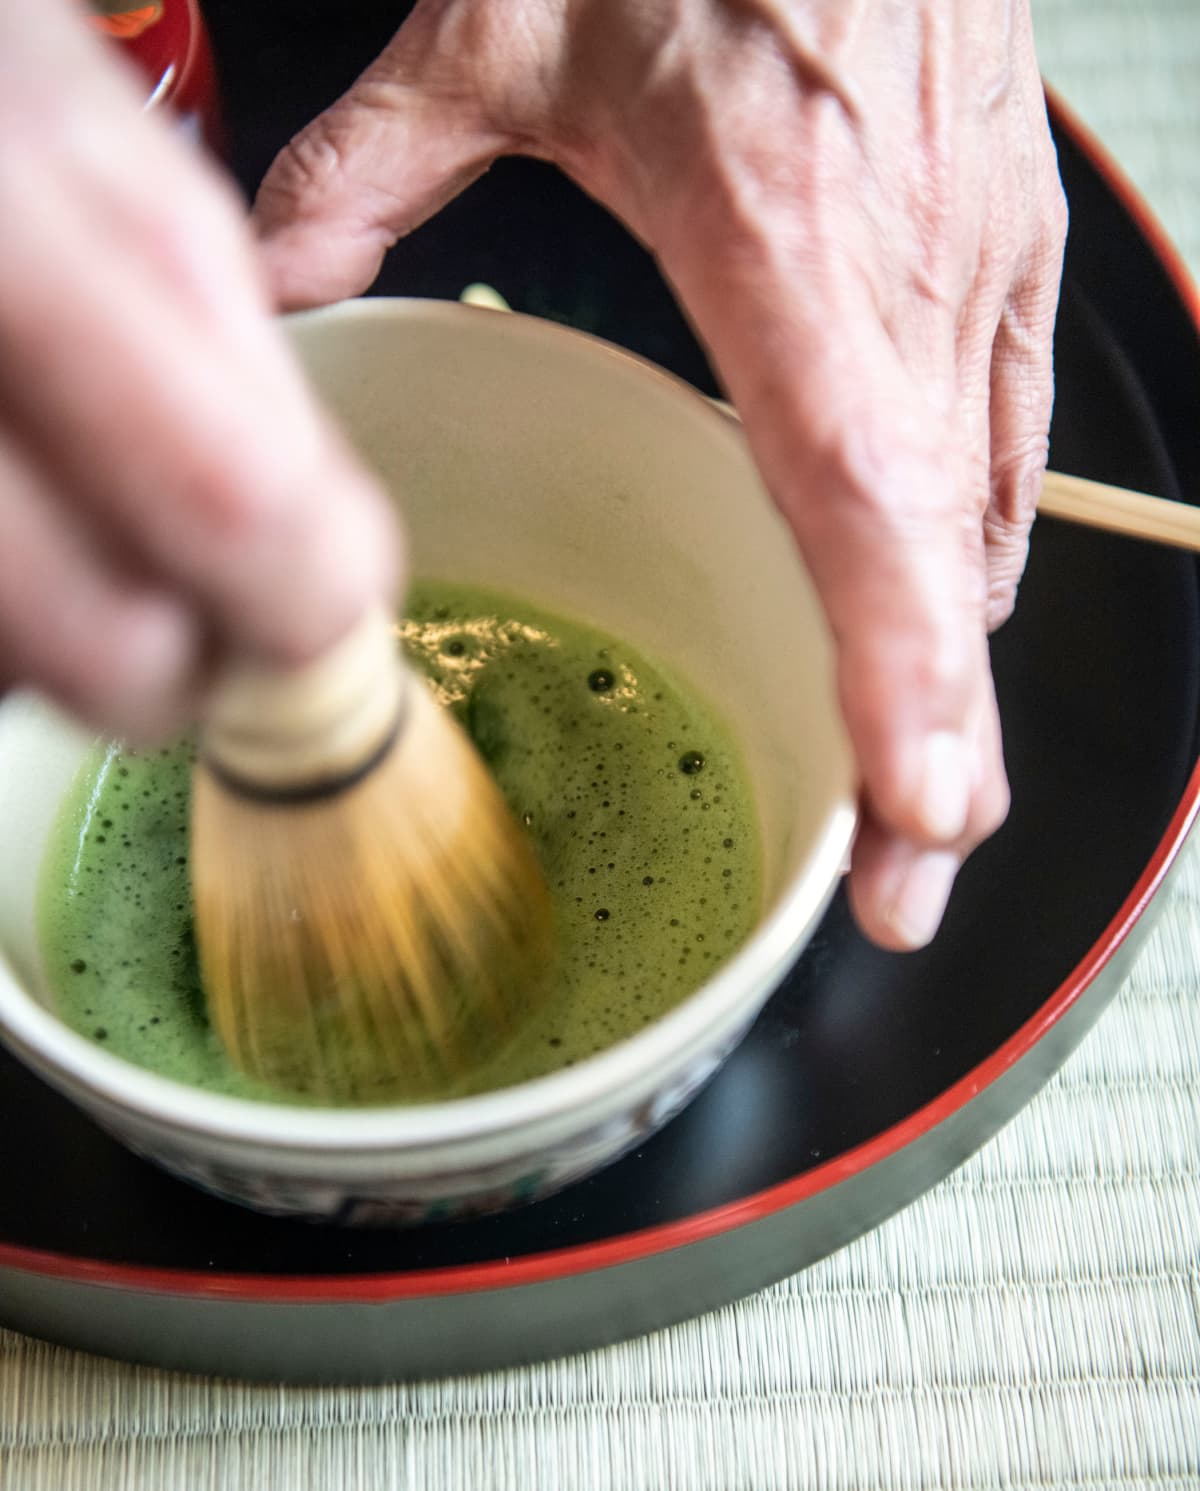 Pulverimainen matcha-tee sekoitetaan bambuvispilällä.